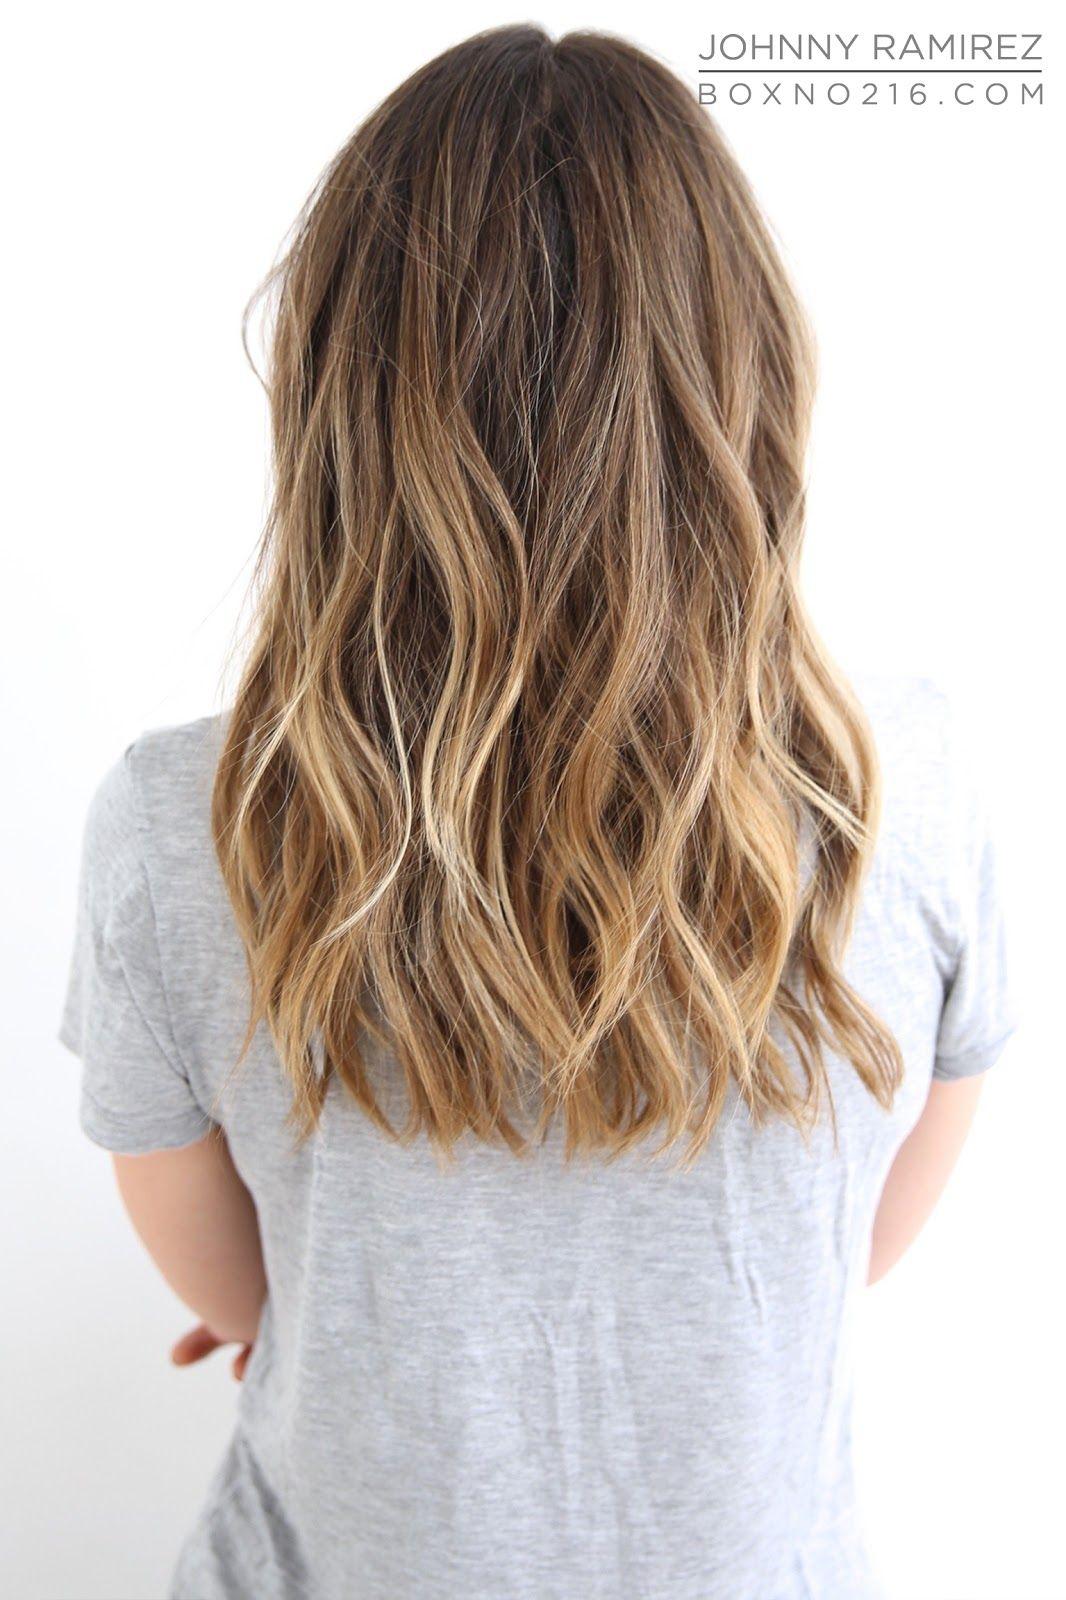 One Length Below The Shoulders Hair Styles One Length Hair Long Hair Styles